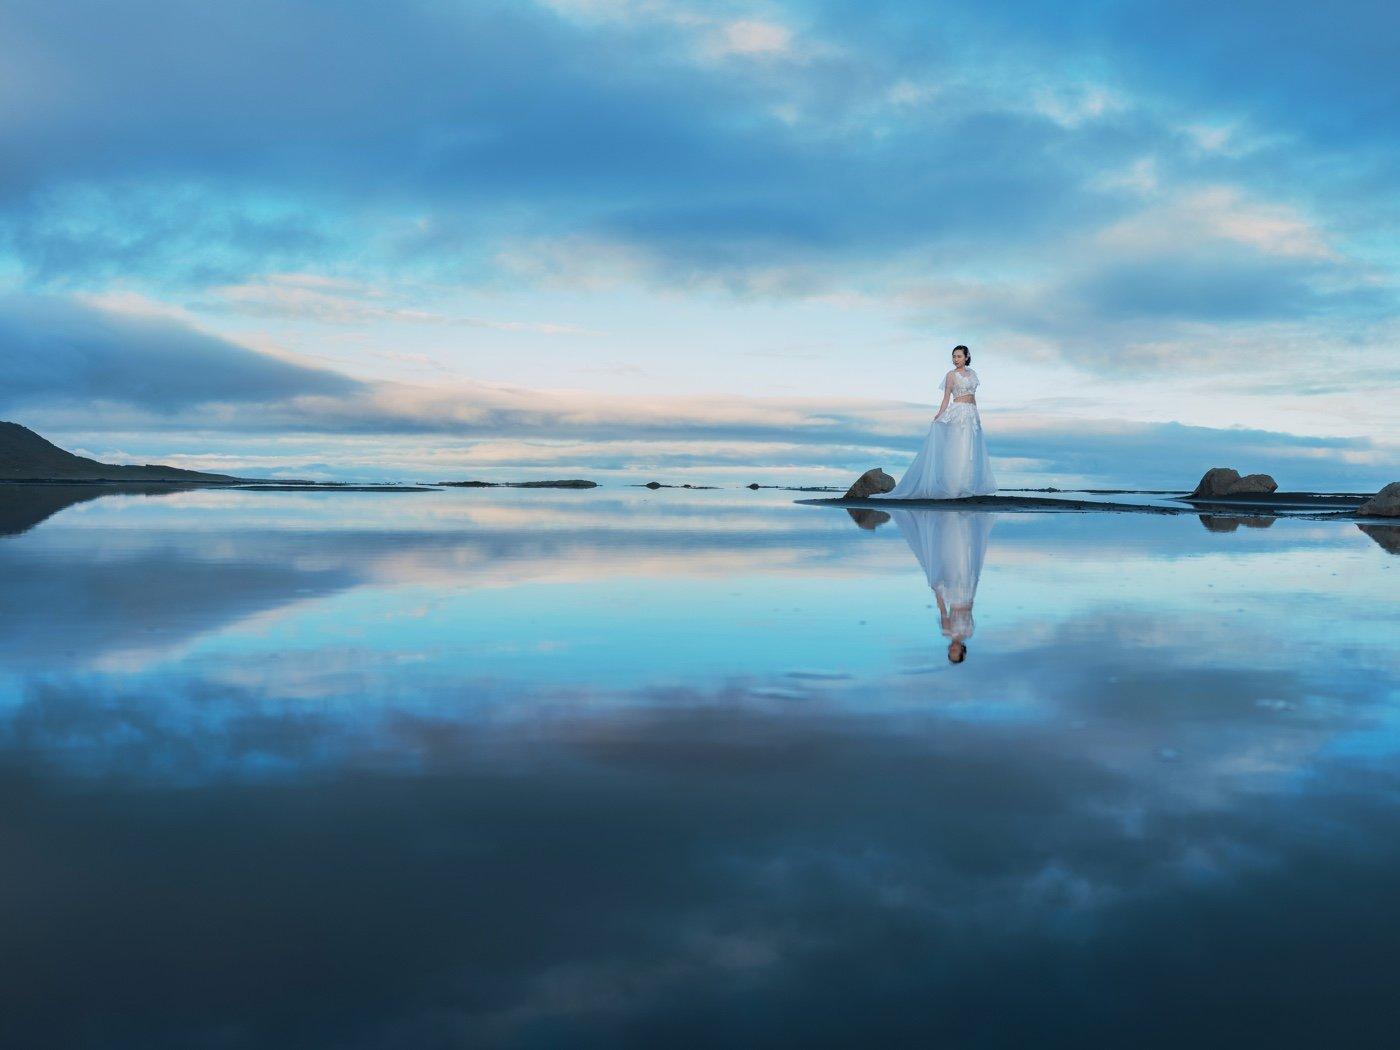 MoFoTo 冰岛婚纱旅拍42